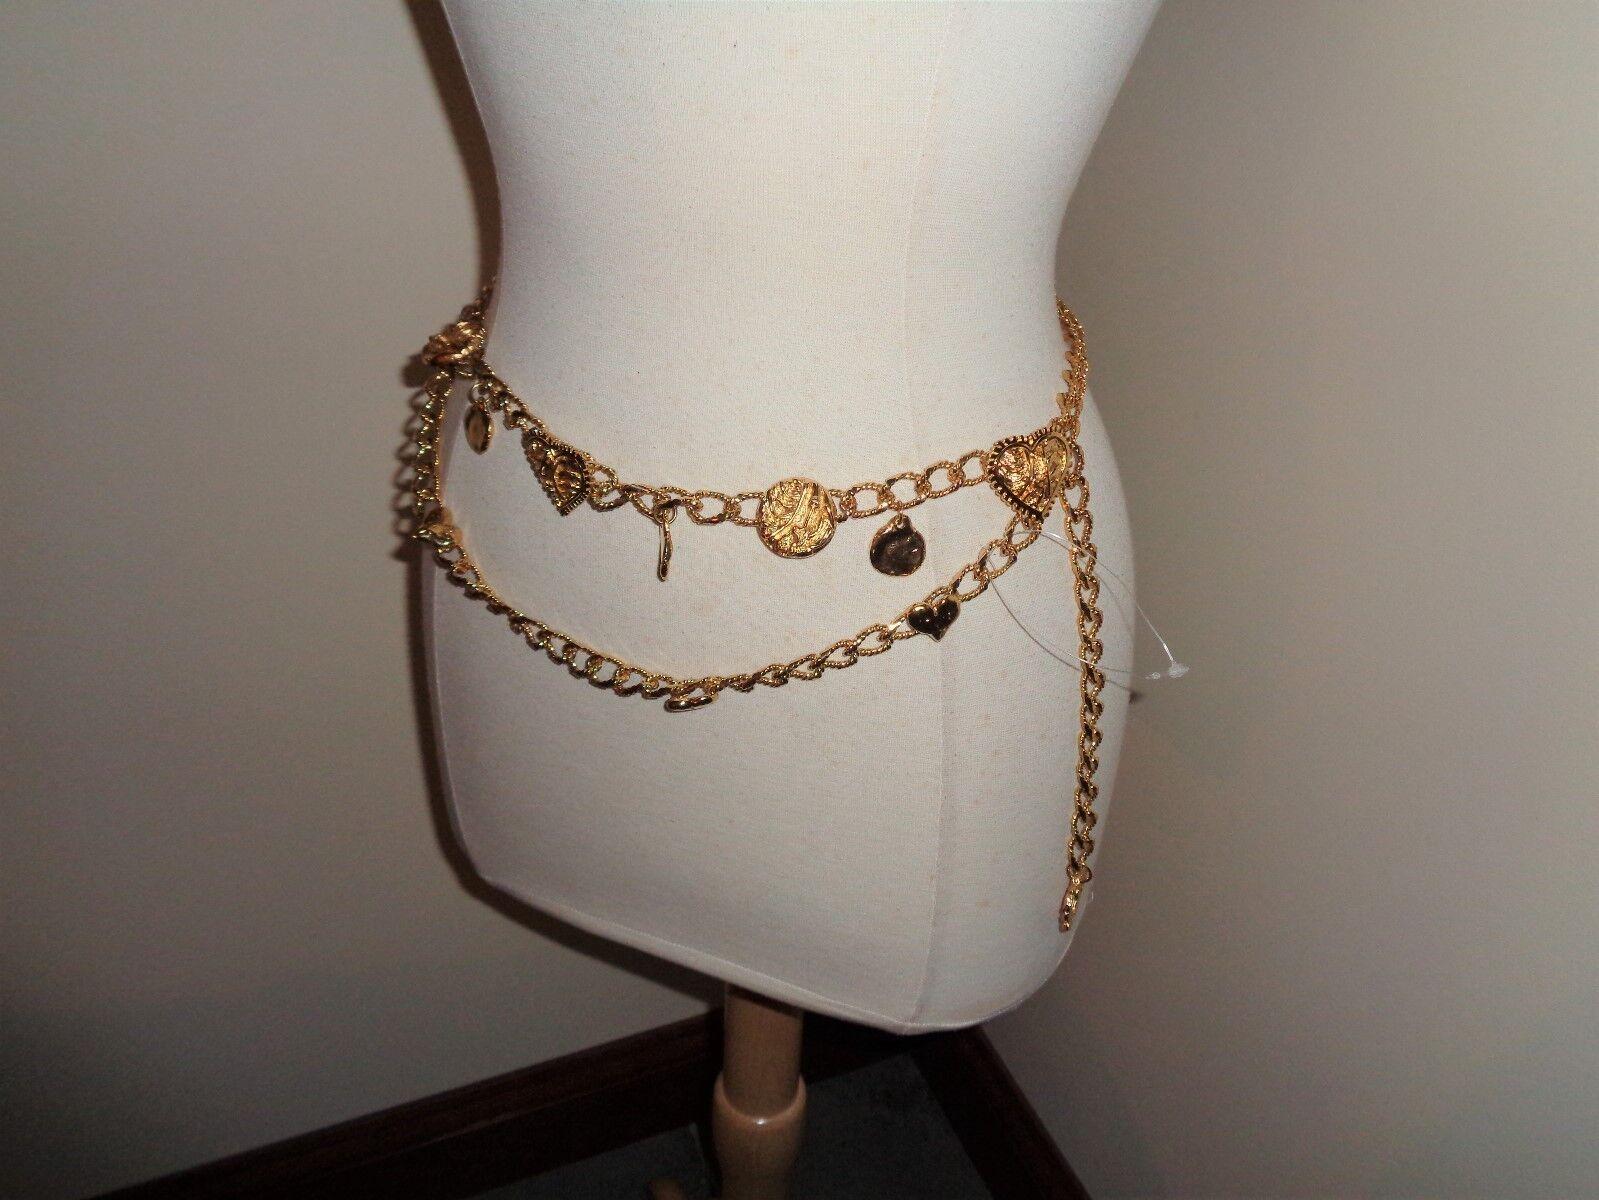 Ceinture en or à mailles doubles pour femme avec coeurs de pépites en or, taille M / L